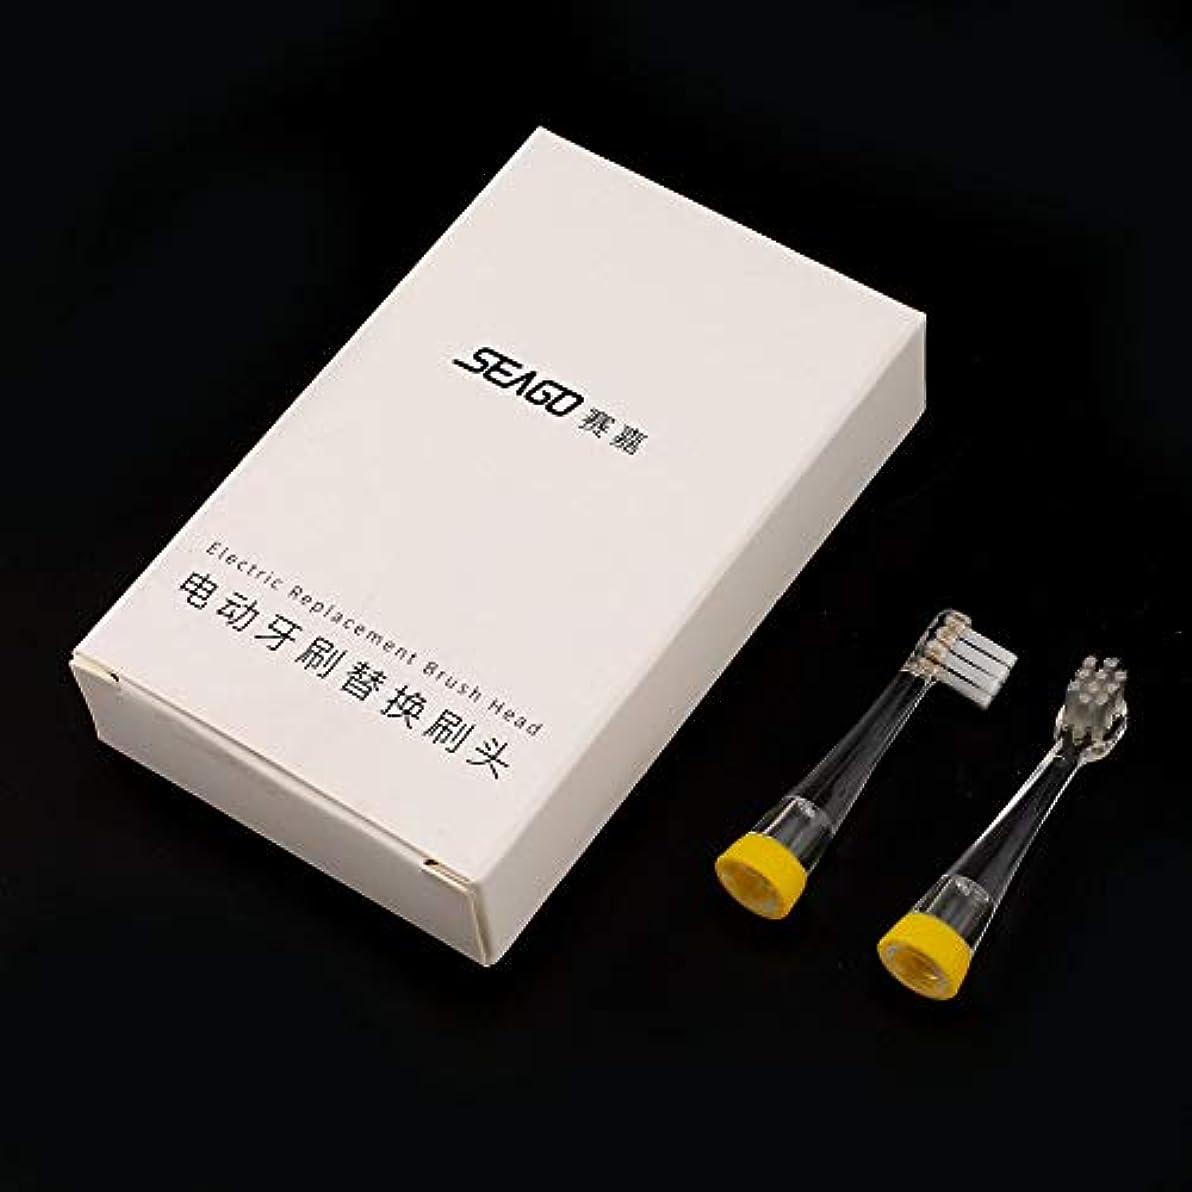 ブレース蘇生するセンチメンタル2ピースポータブル電気交換ブラシヘッドシーゴSG-811子供電動歯ブラシソフトデュポンナイロン剛毛(Color:white & yellow)